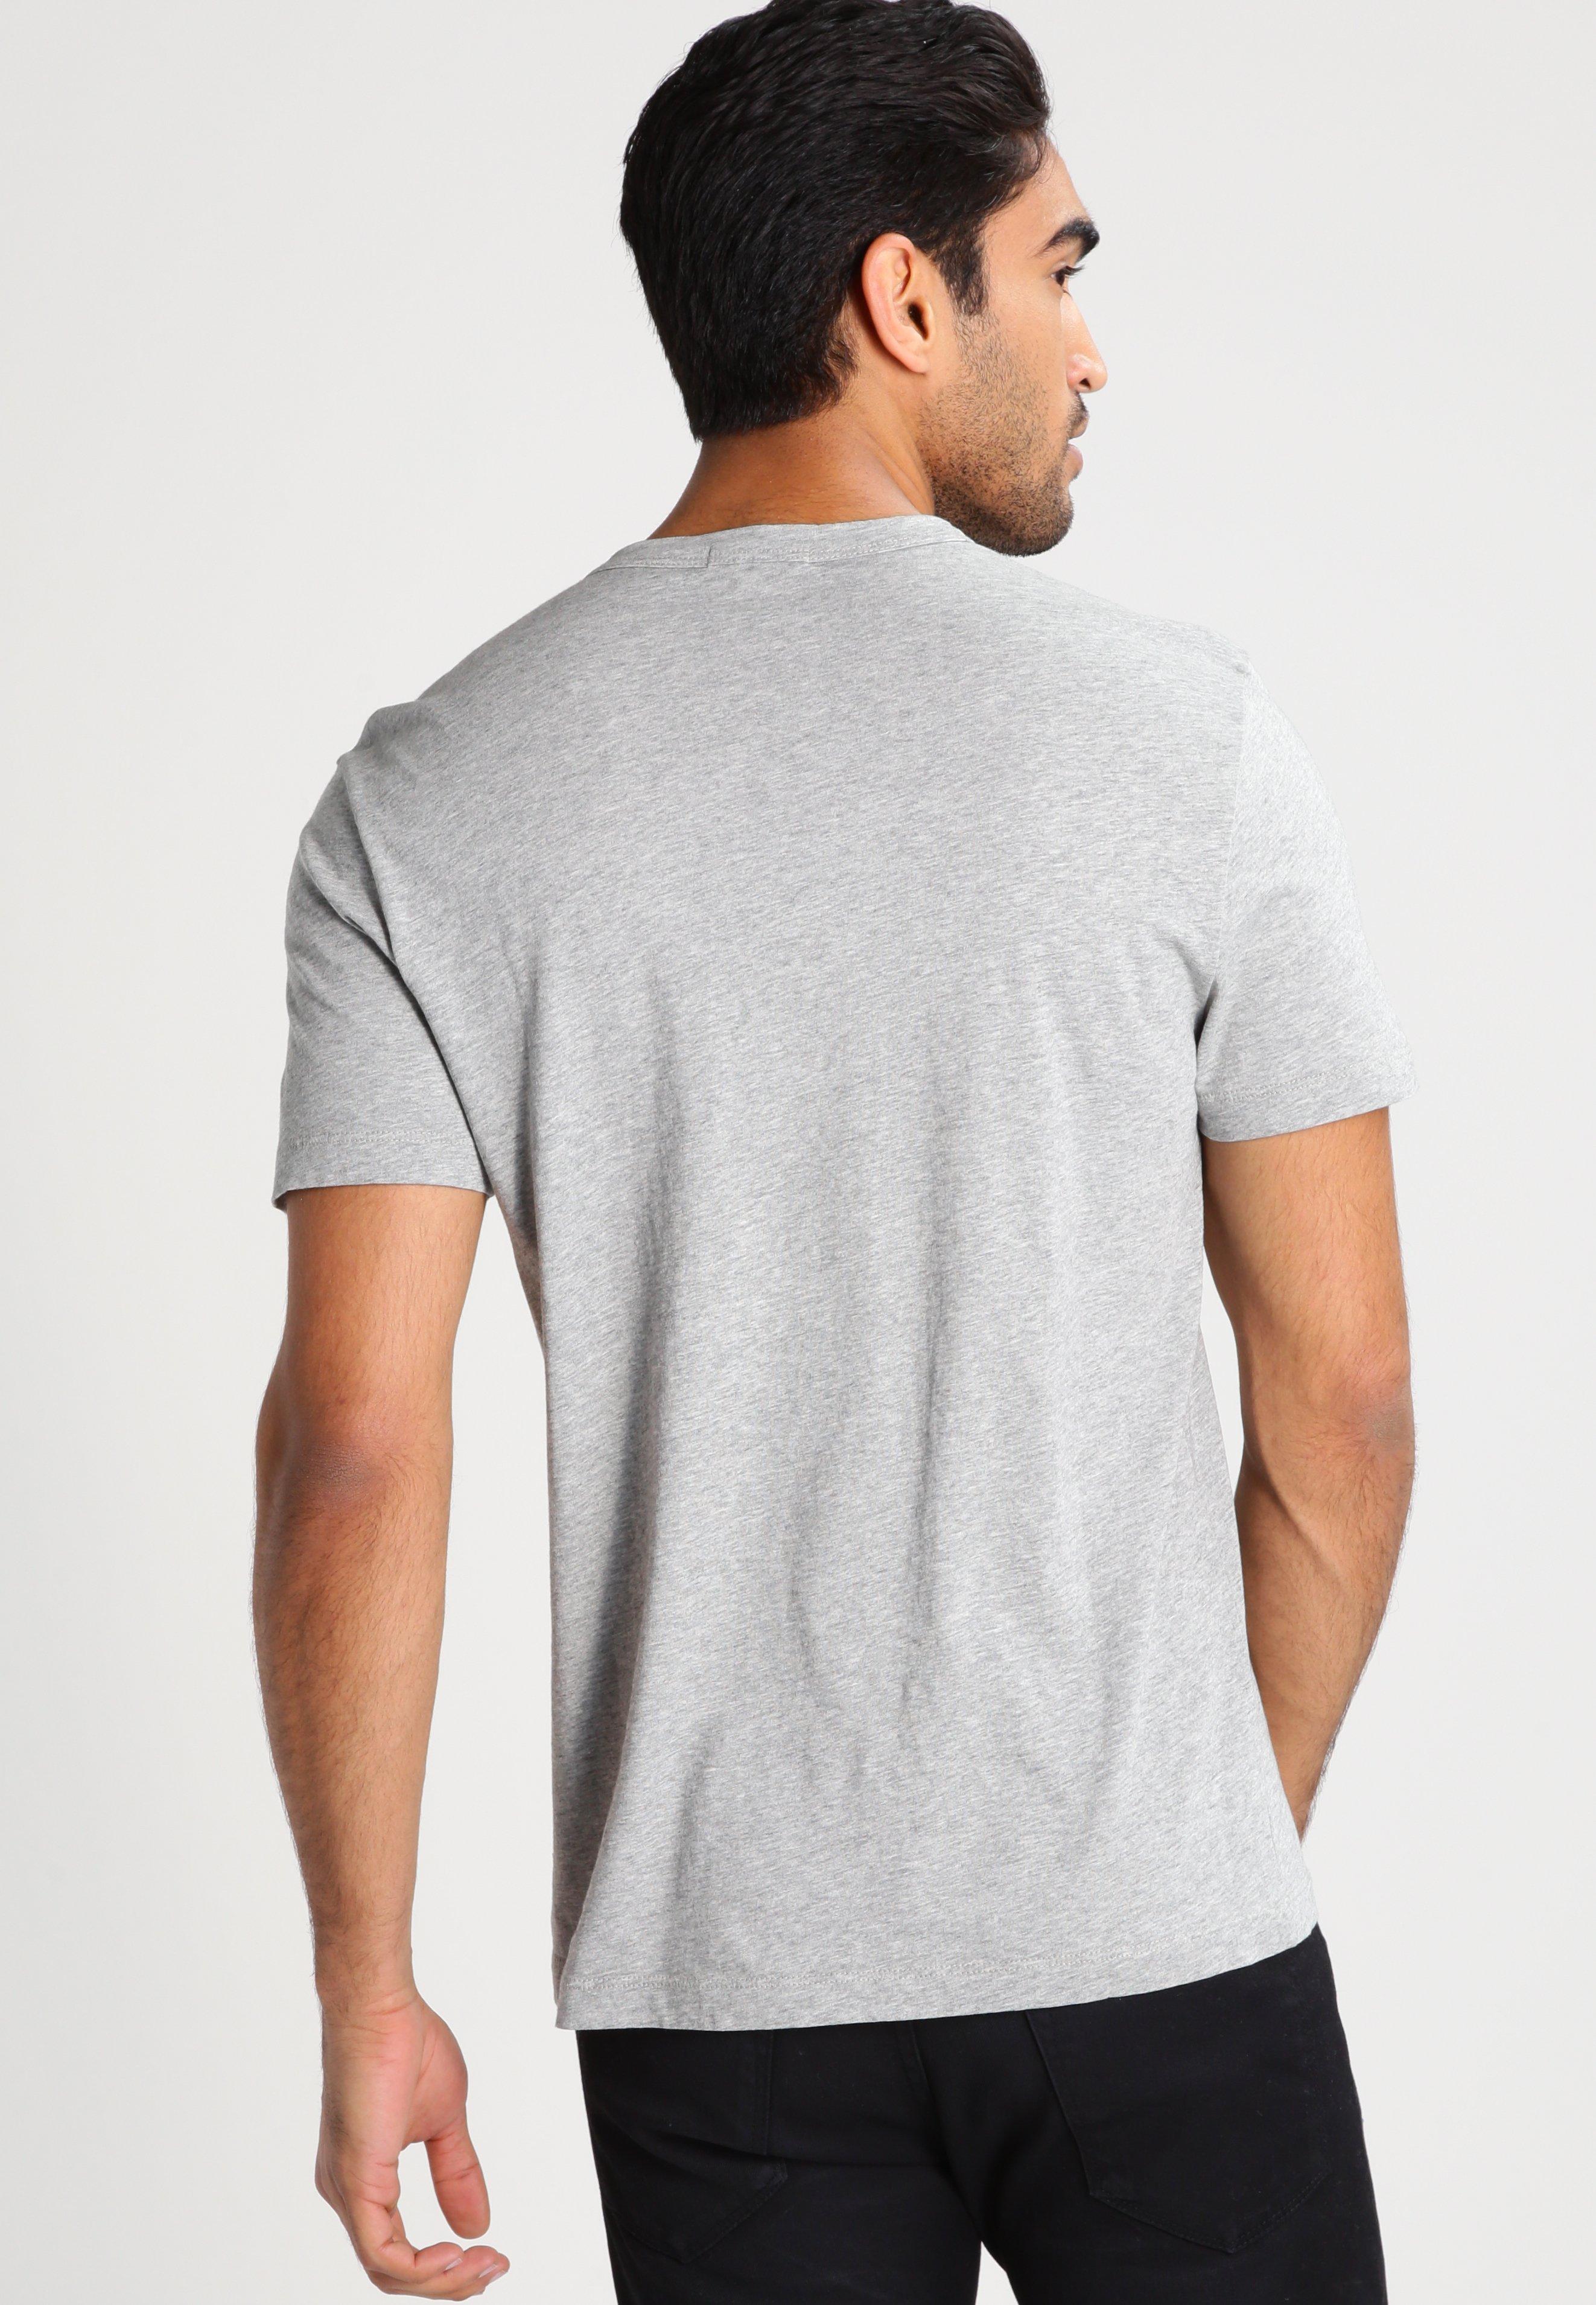 Basique shirt James Perse Grey Heather CrewT uJ1lF3TcK